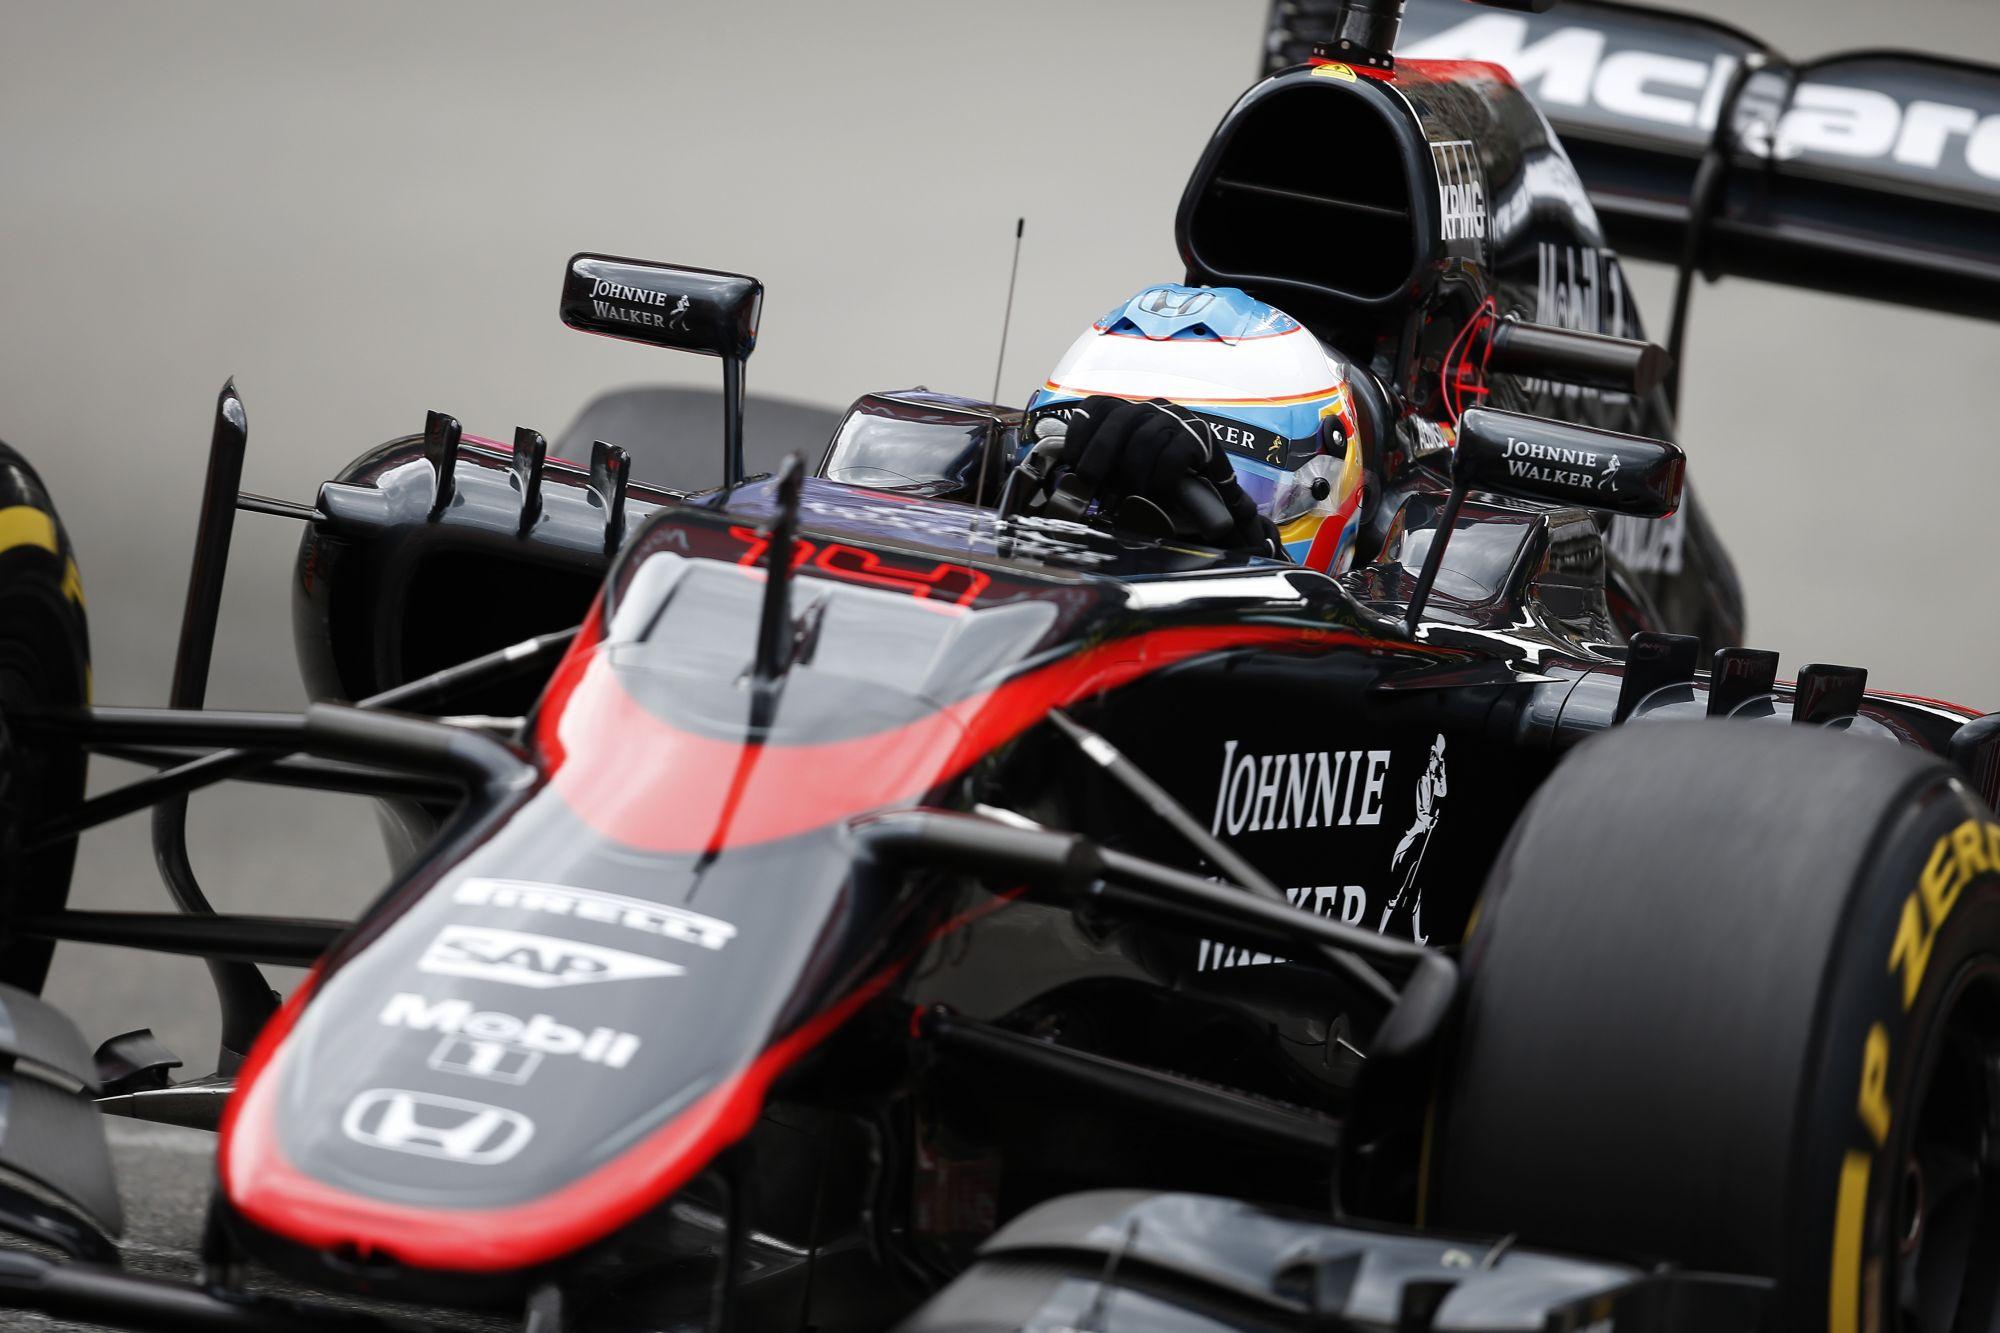 Te jó ég: Alonso McLaren-Hondája olyan hangokat adott ki, mint egy Alien